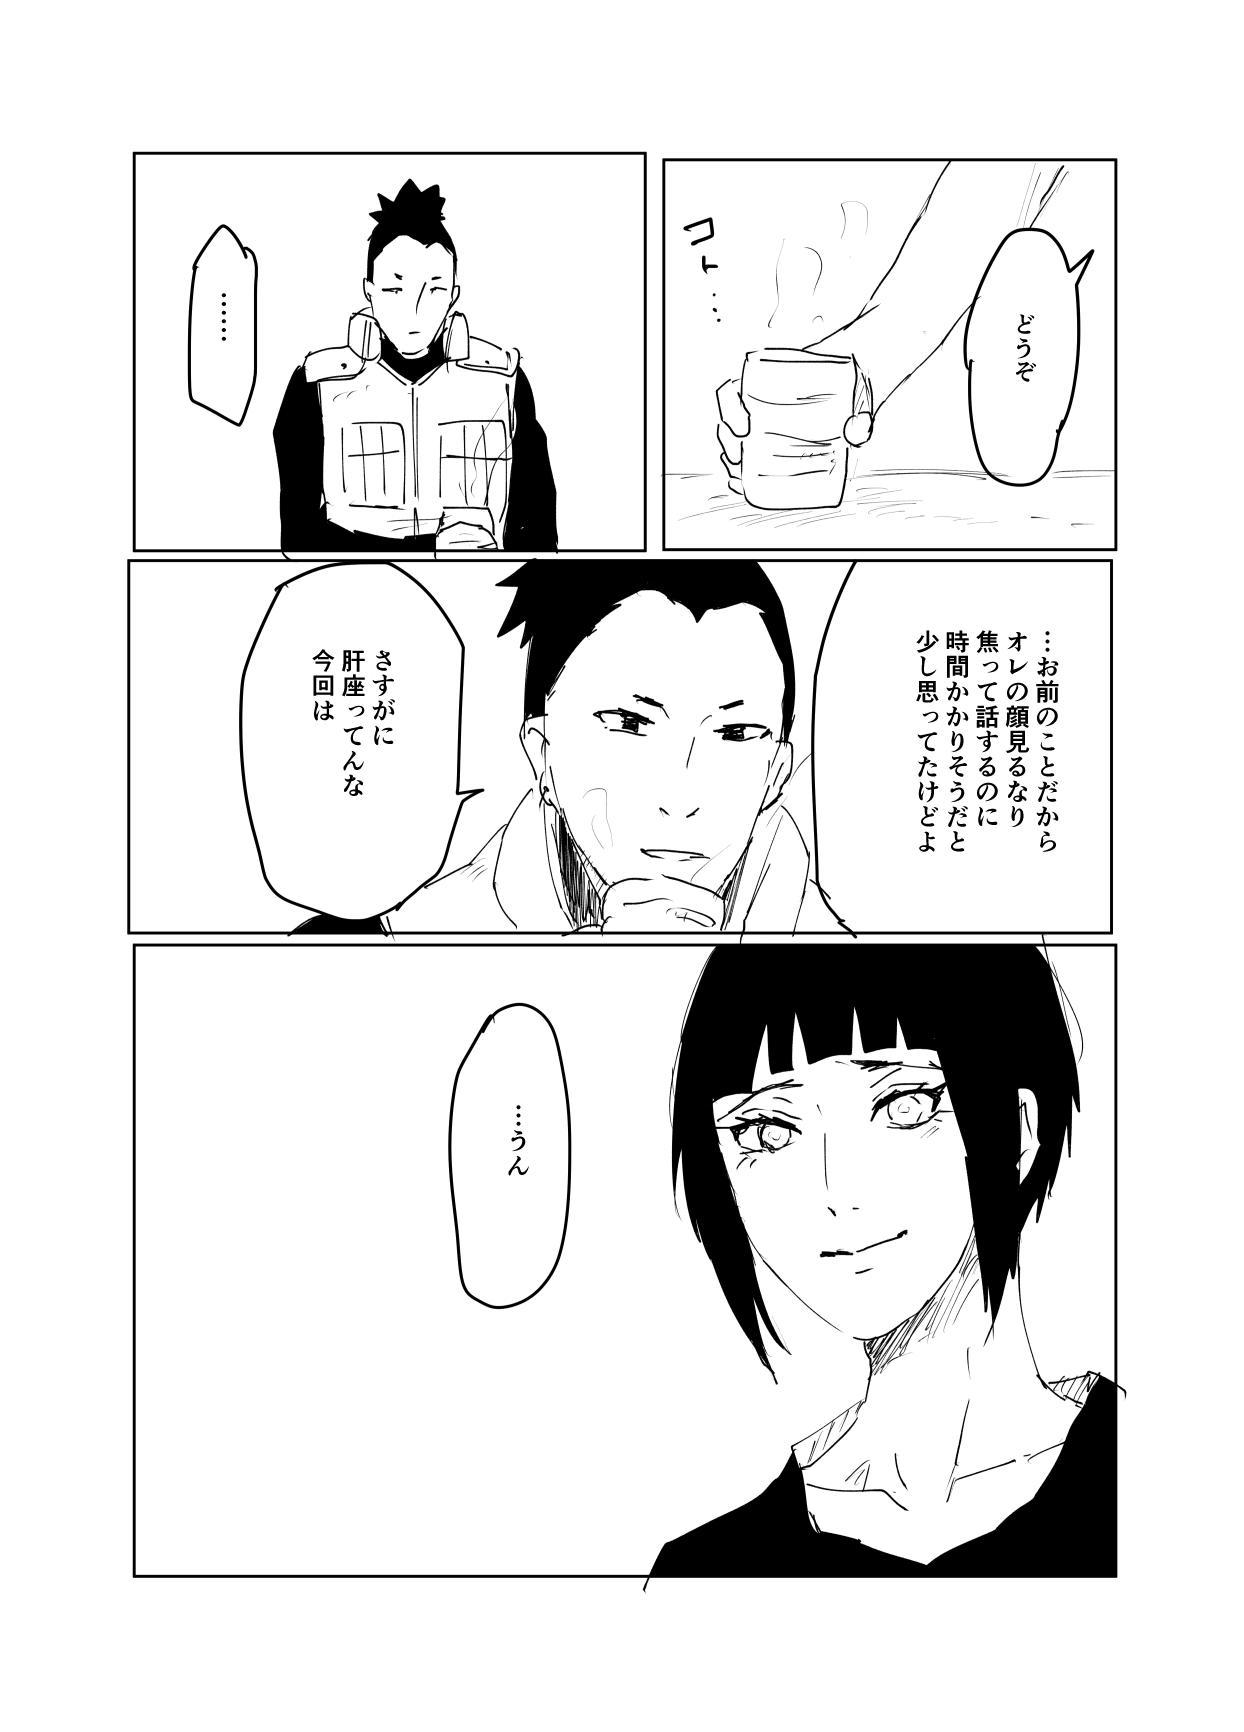 嘘告白漫画 99